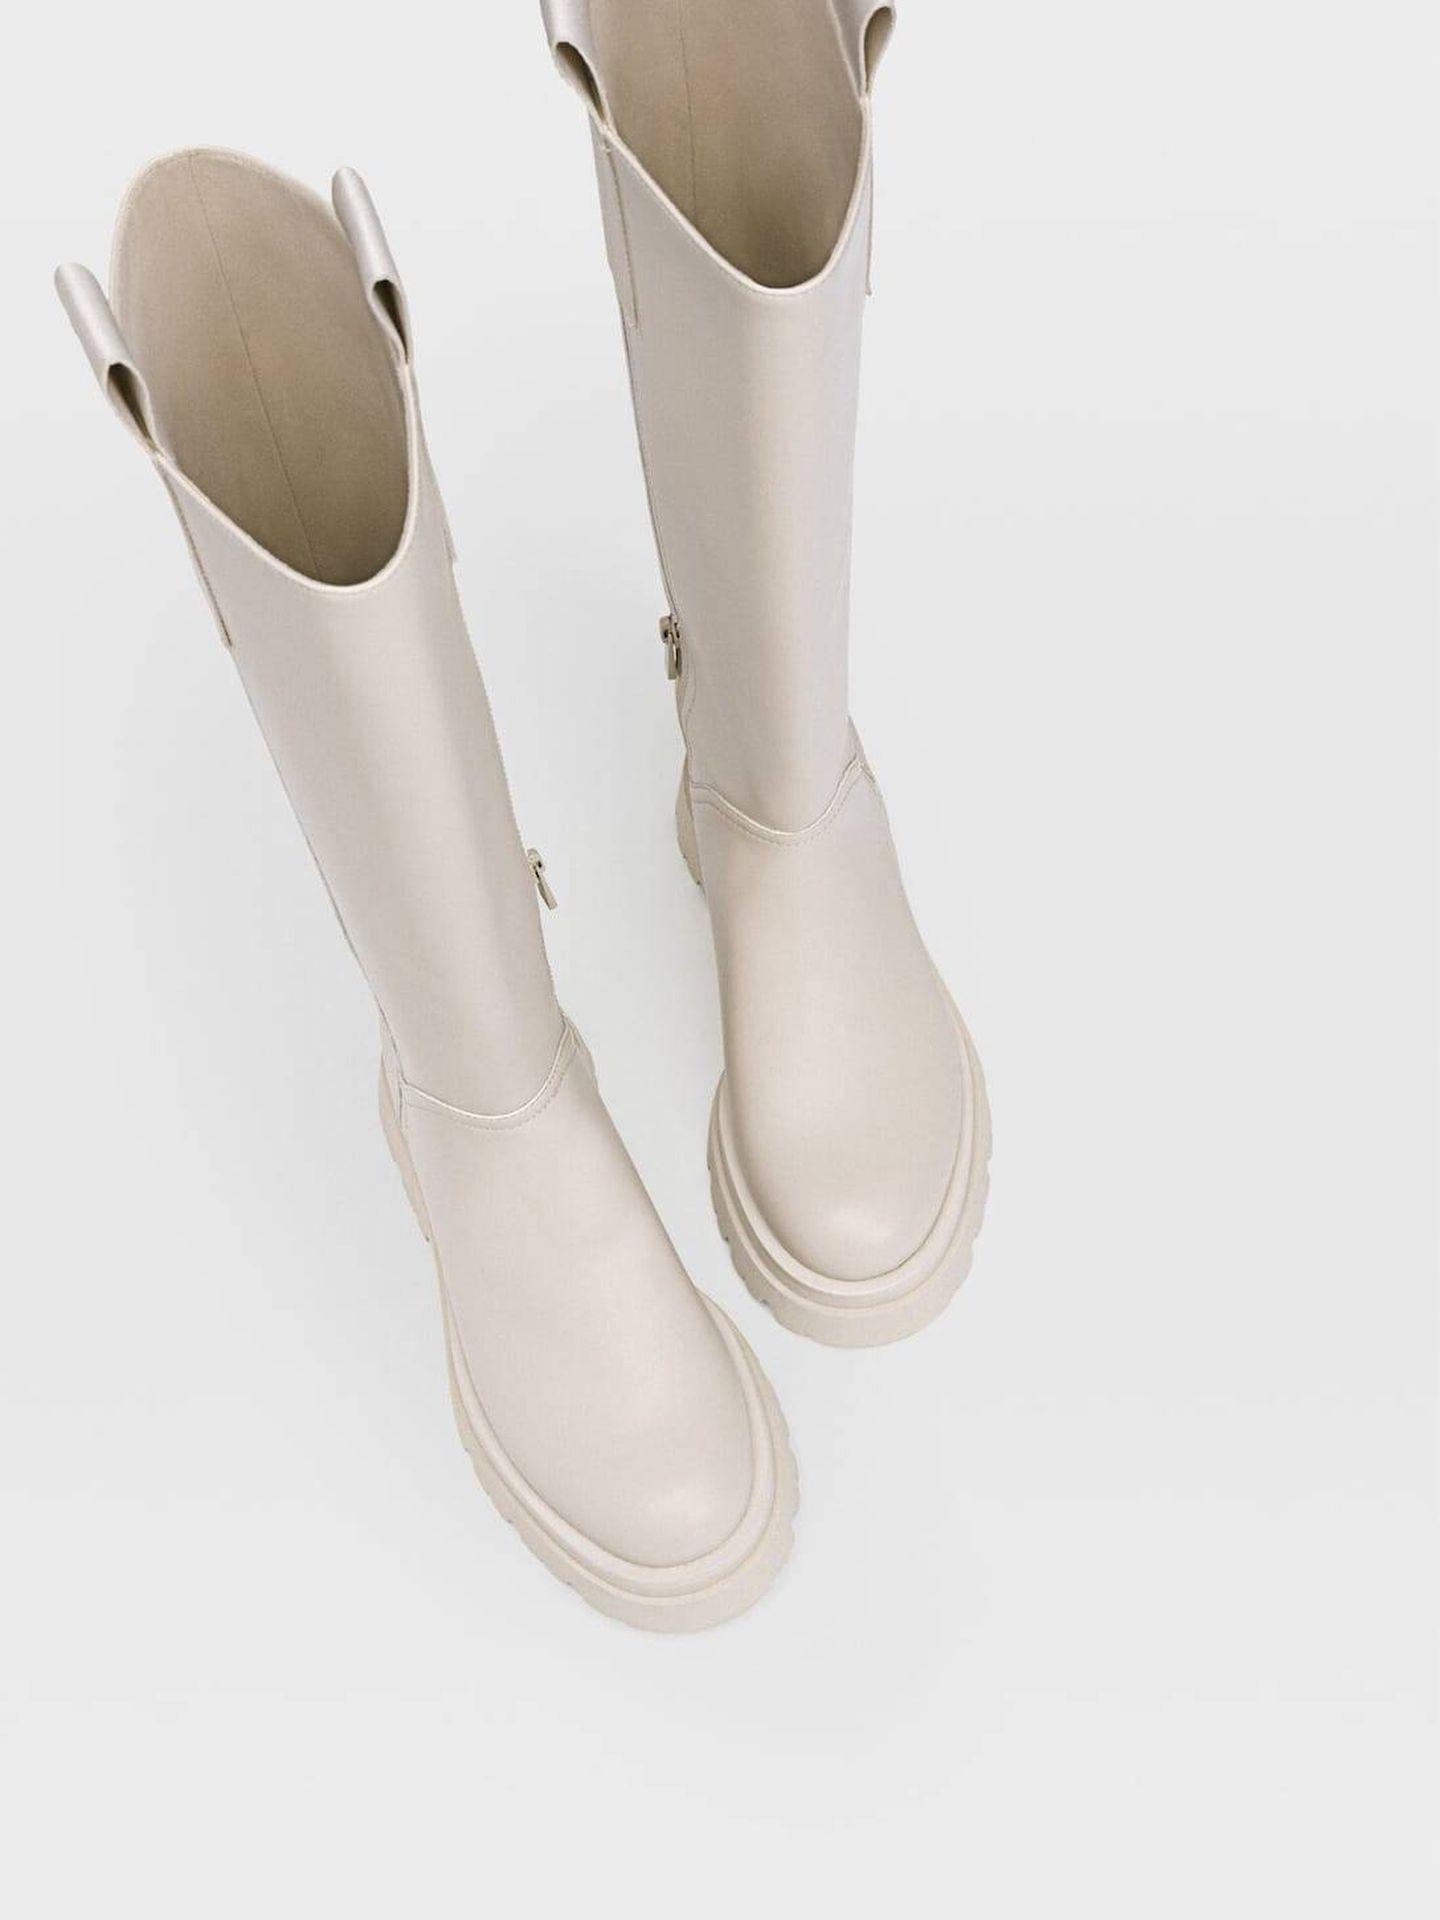 Las botas de agua de Stradivarius. (Cortesía)